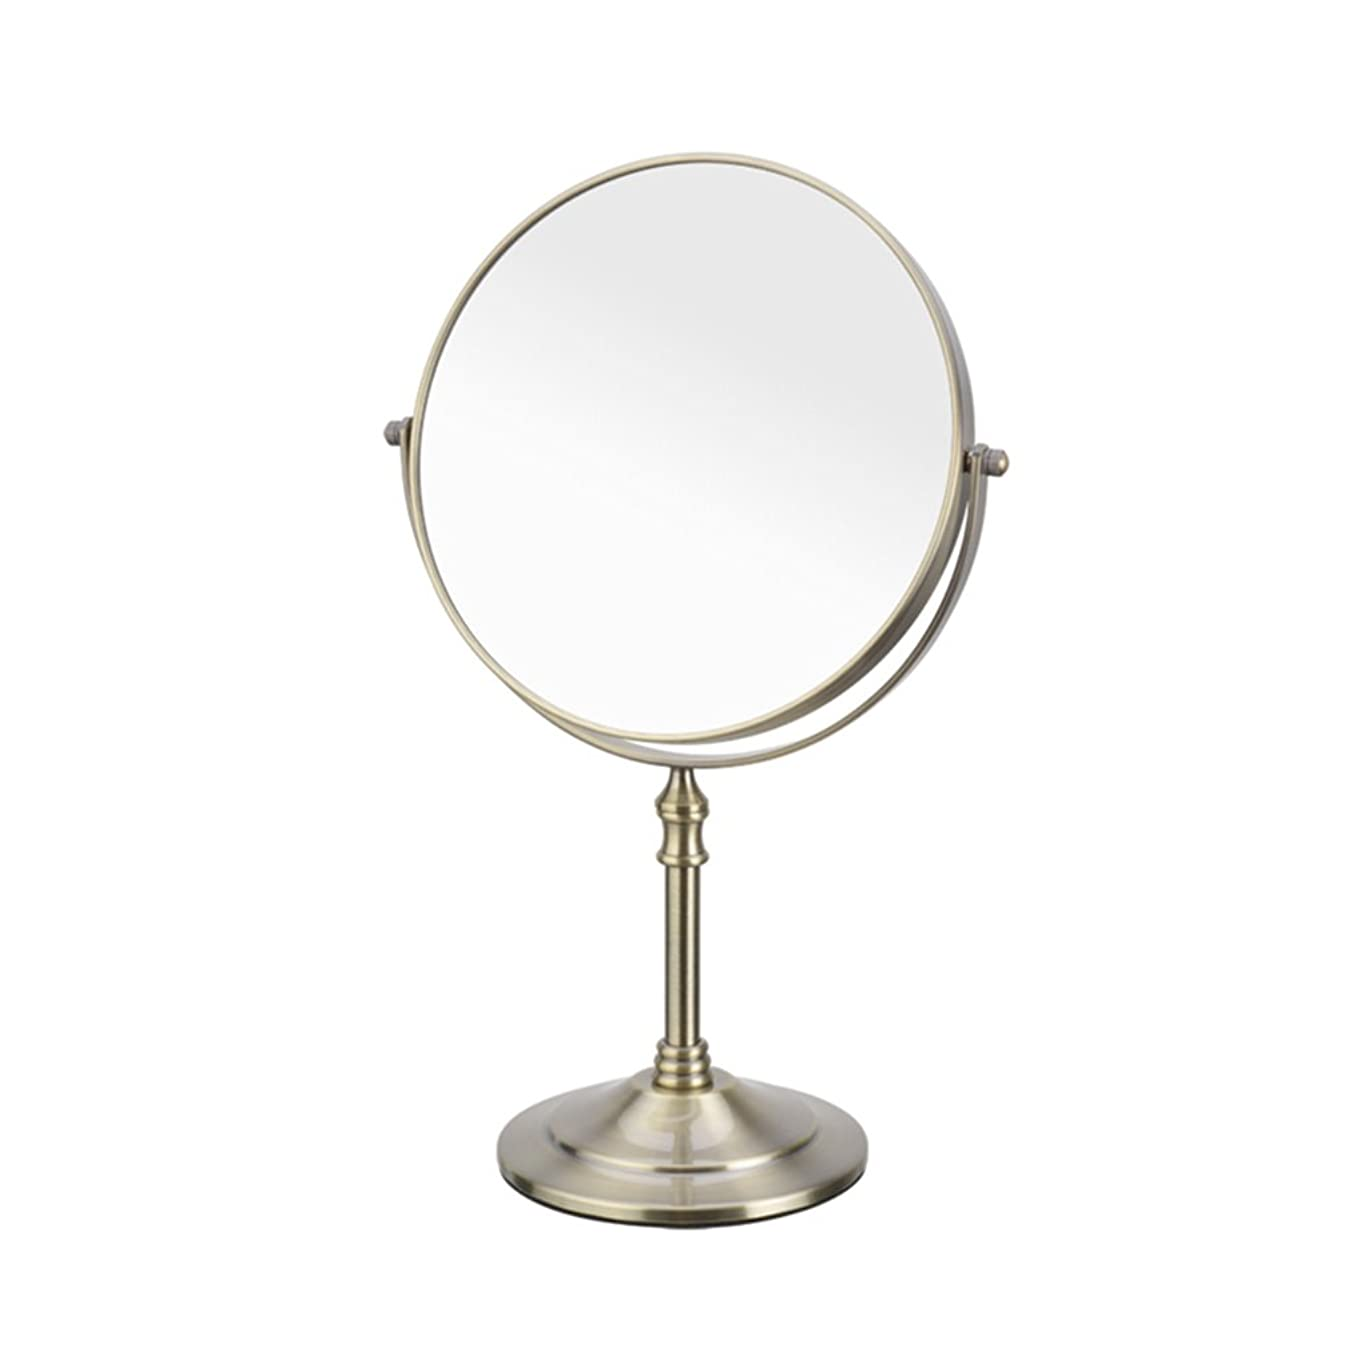 偶然の貫入海洋のHAPzfsp 化粧鏡 1倍/ 3倍、8 '360°回転式拡大鏡付き化粧台、クリスタル調スタイルのバスルームミラー バスルーム、クローク、ドミトリー (Color : Red bronze)